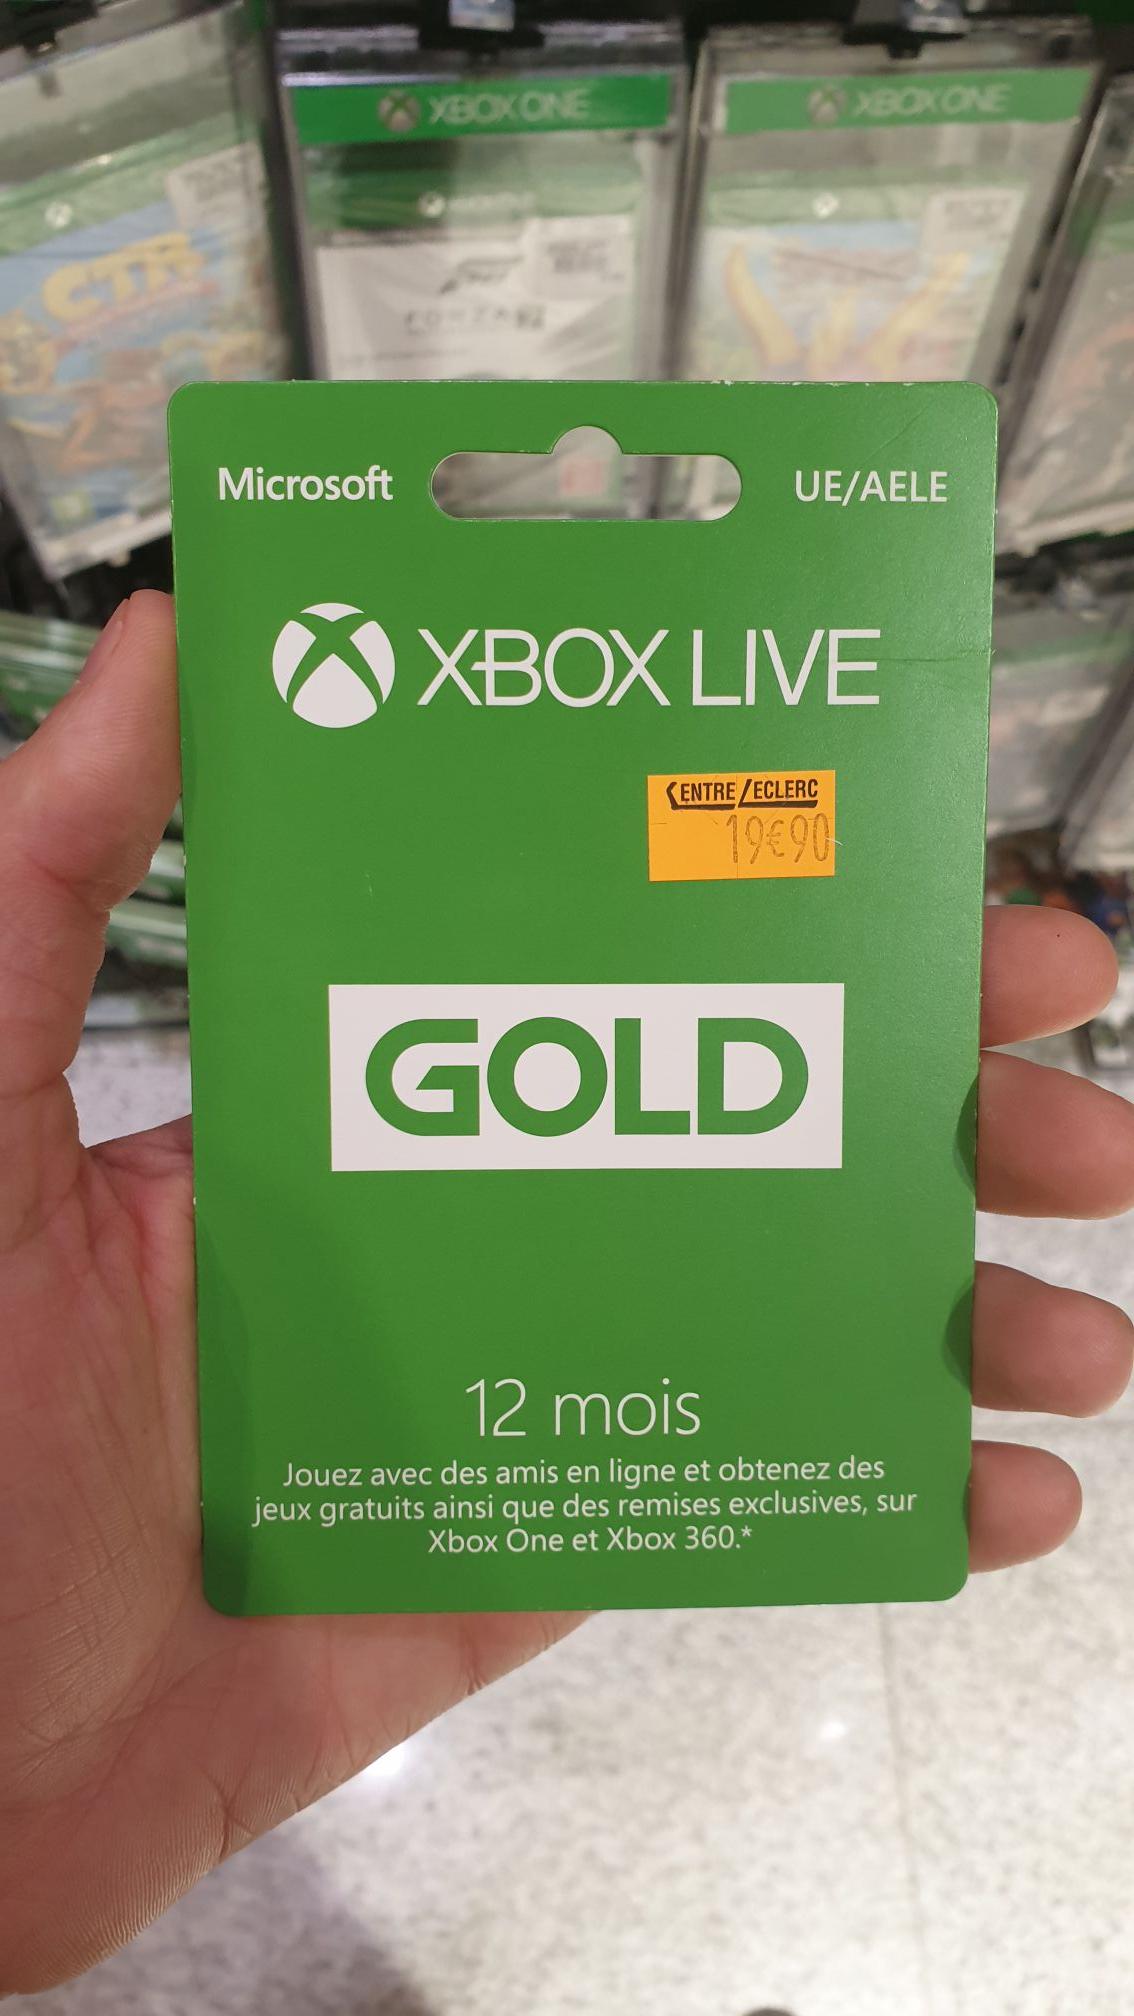 Carte d'abonnement de 12 mois au Xbox Live Gold - Clermont-Ferrand (63)